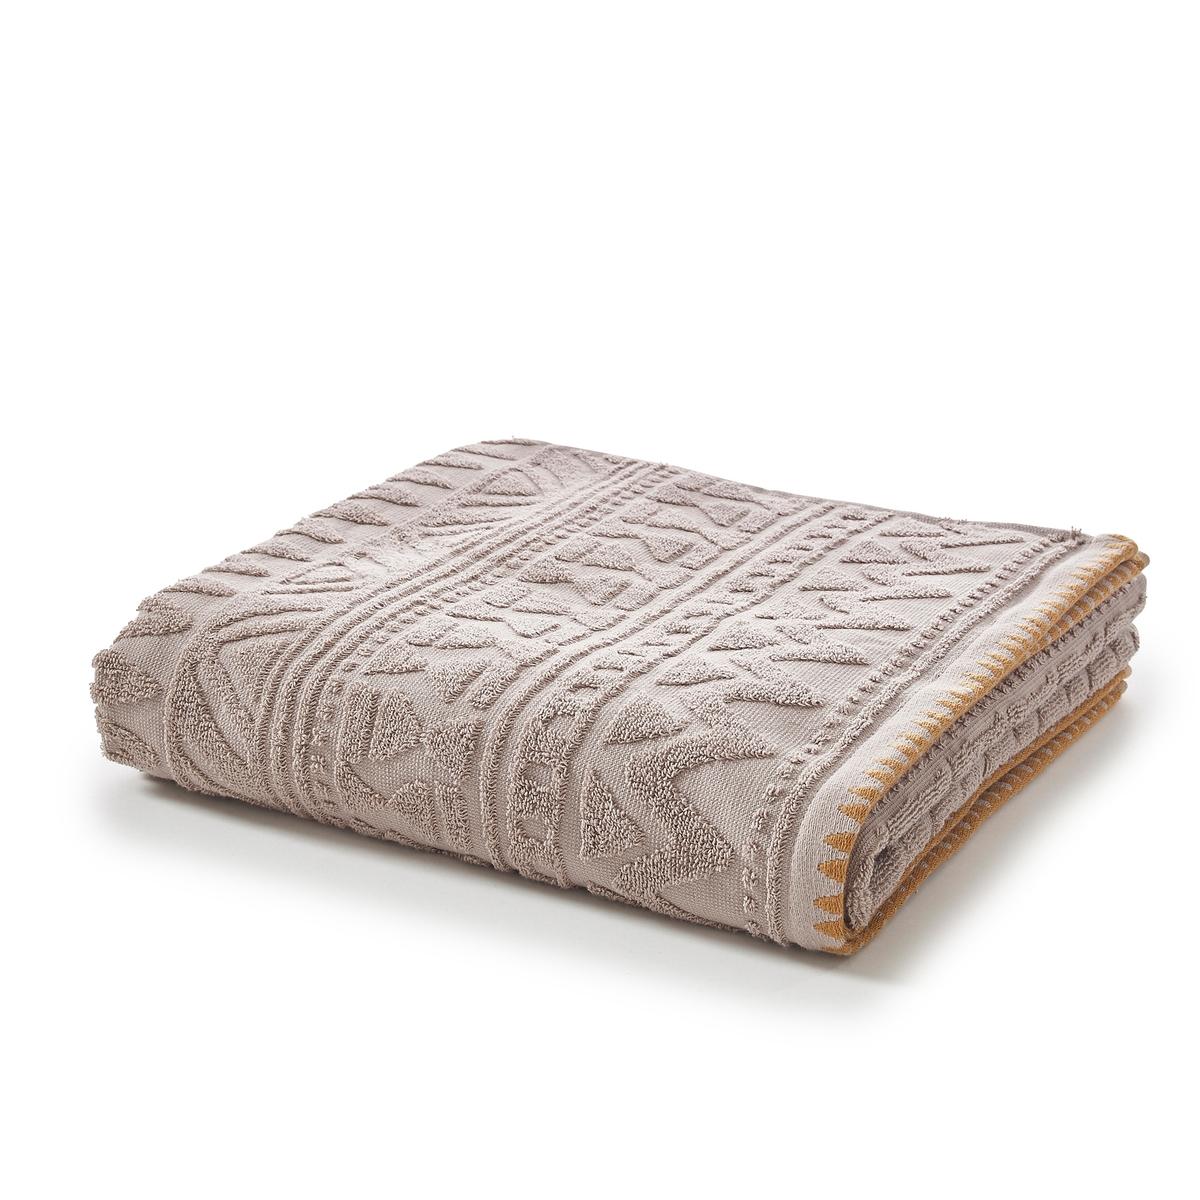 Полотенце для рук из жаккардовой махровой ткани, LimaПолотенце для рук из махровой ткани Lima. Полотенце для рук из махровой ткани Lima имеет отличную впитывающую способность, пышное и исключительно комфортное, с красивой отделкой и этническим рисунком.Характеристики полотенца для рук Lima :Жаккардовая махровая ткань, 100% хлопок, 500 г/м?Отделка кантом контрастного цветаМашинная стирка при 60 °С.Всю коллекцию текстиля для ванной Lima вы можете найти на сайте laredoute.ruРазмеры полотенца для рук Lima :50 x 100 см<br><br>Цвет: белый,серо-коричневый<br>Размер: 50 x 100 см